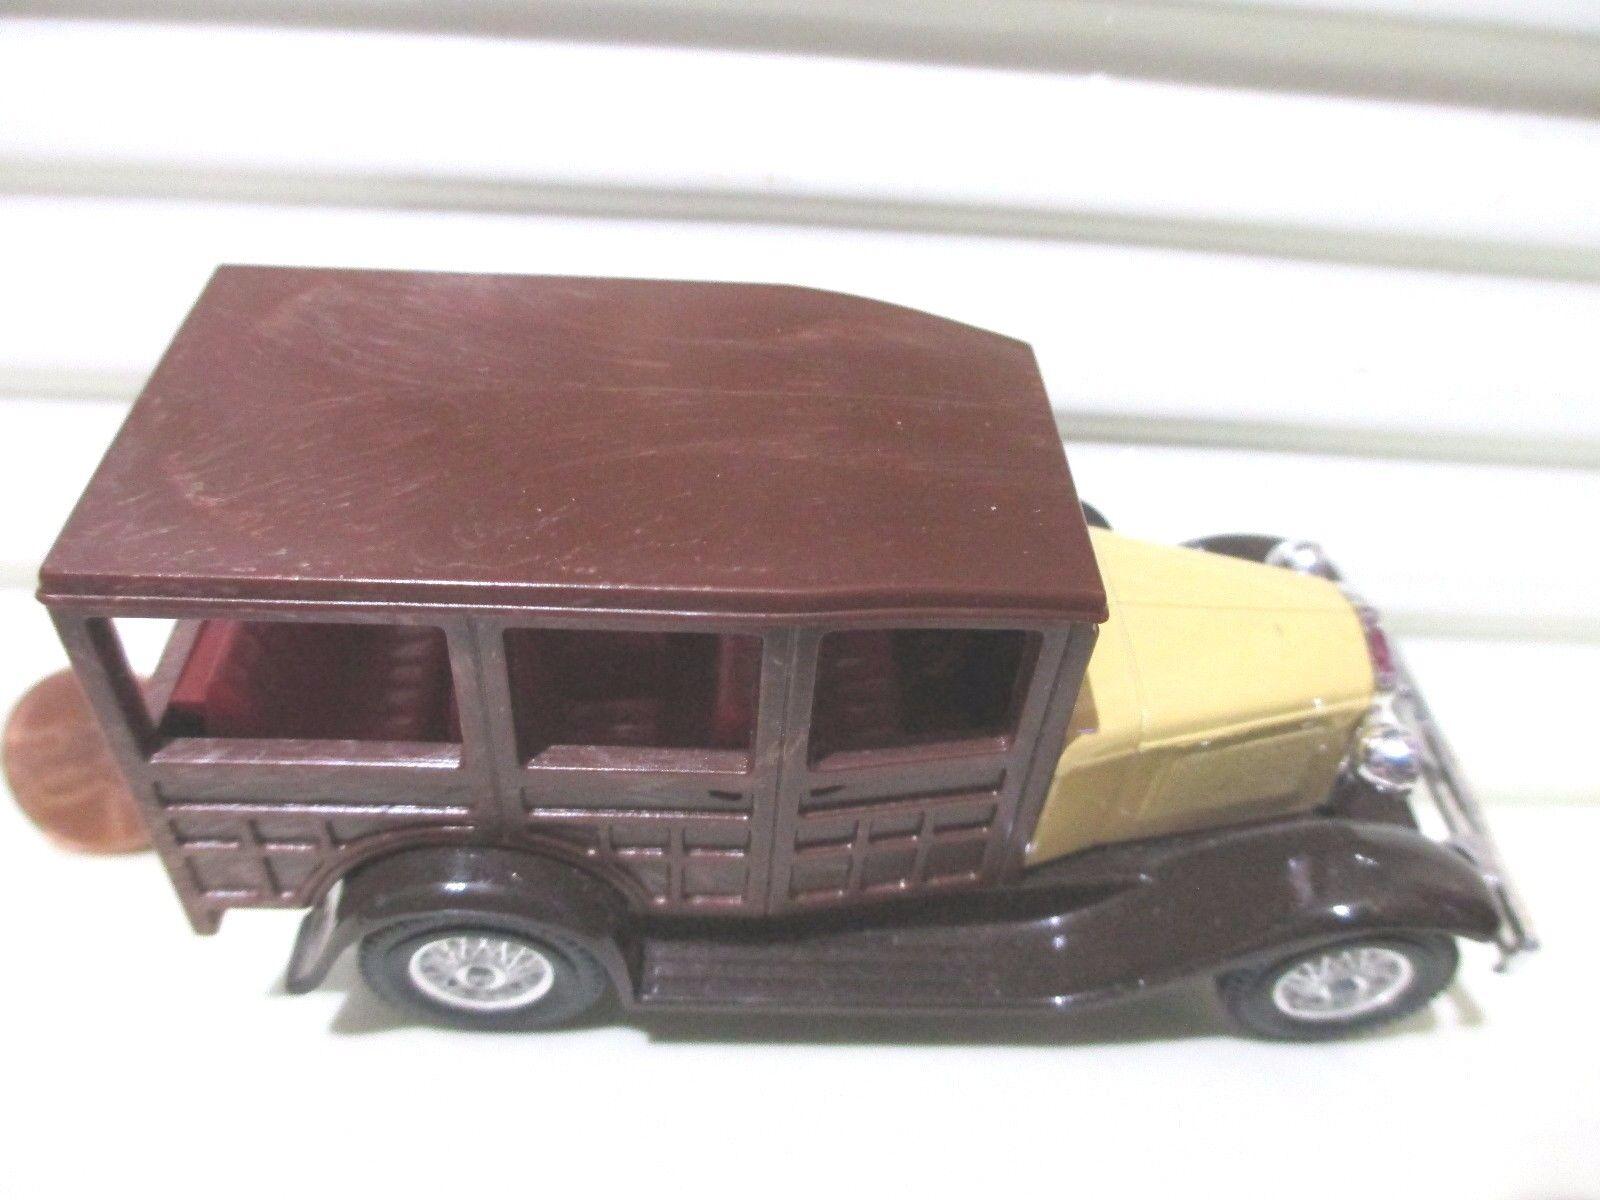 venta de ofertas Matchbox Yesteryear Yesteryear Yesteryear preproducción Y21 1930 Modelo A Ford no y   sin fecha Marrón Techo  venta directa de fábrica